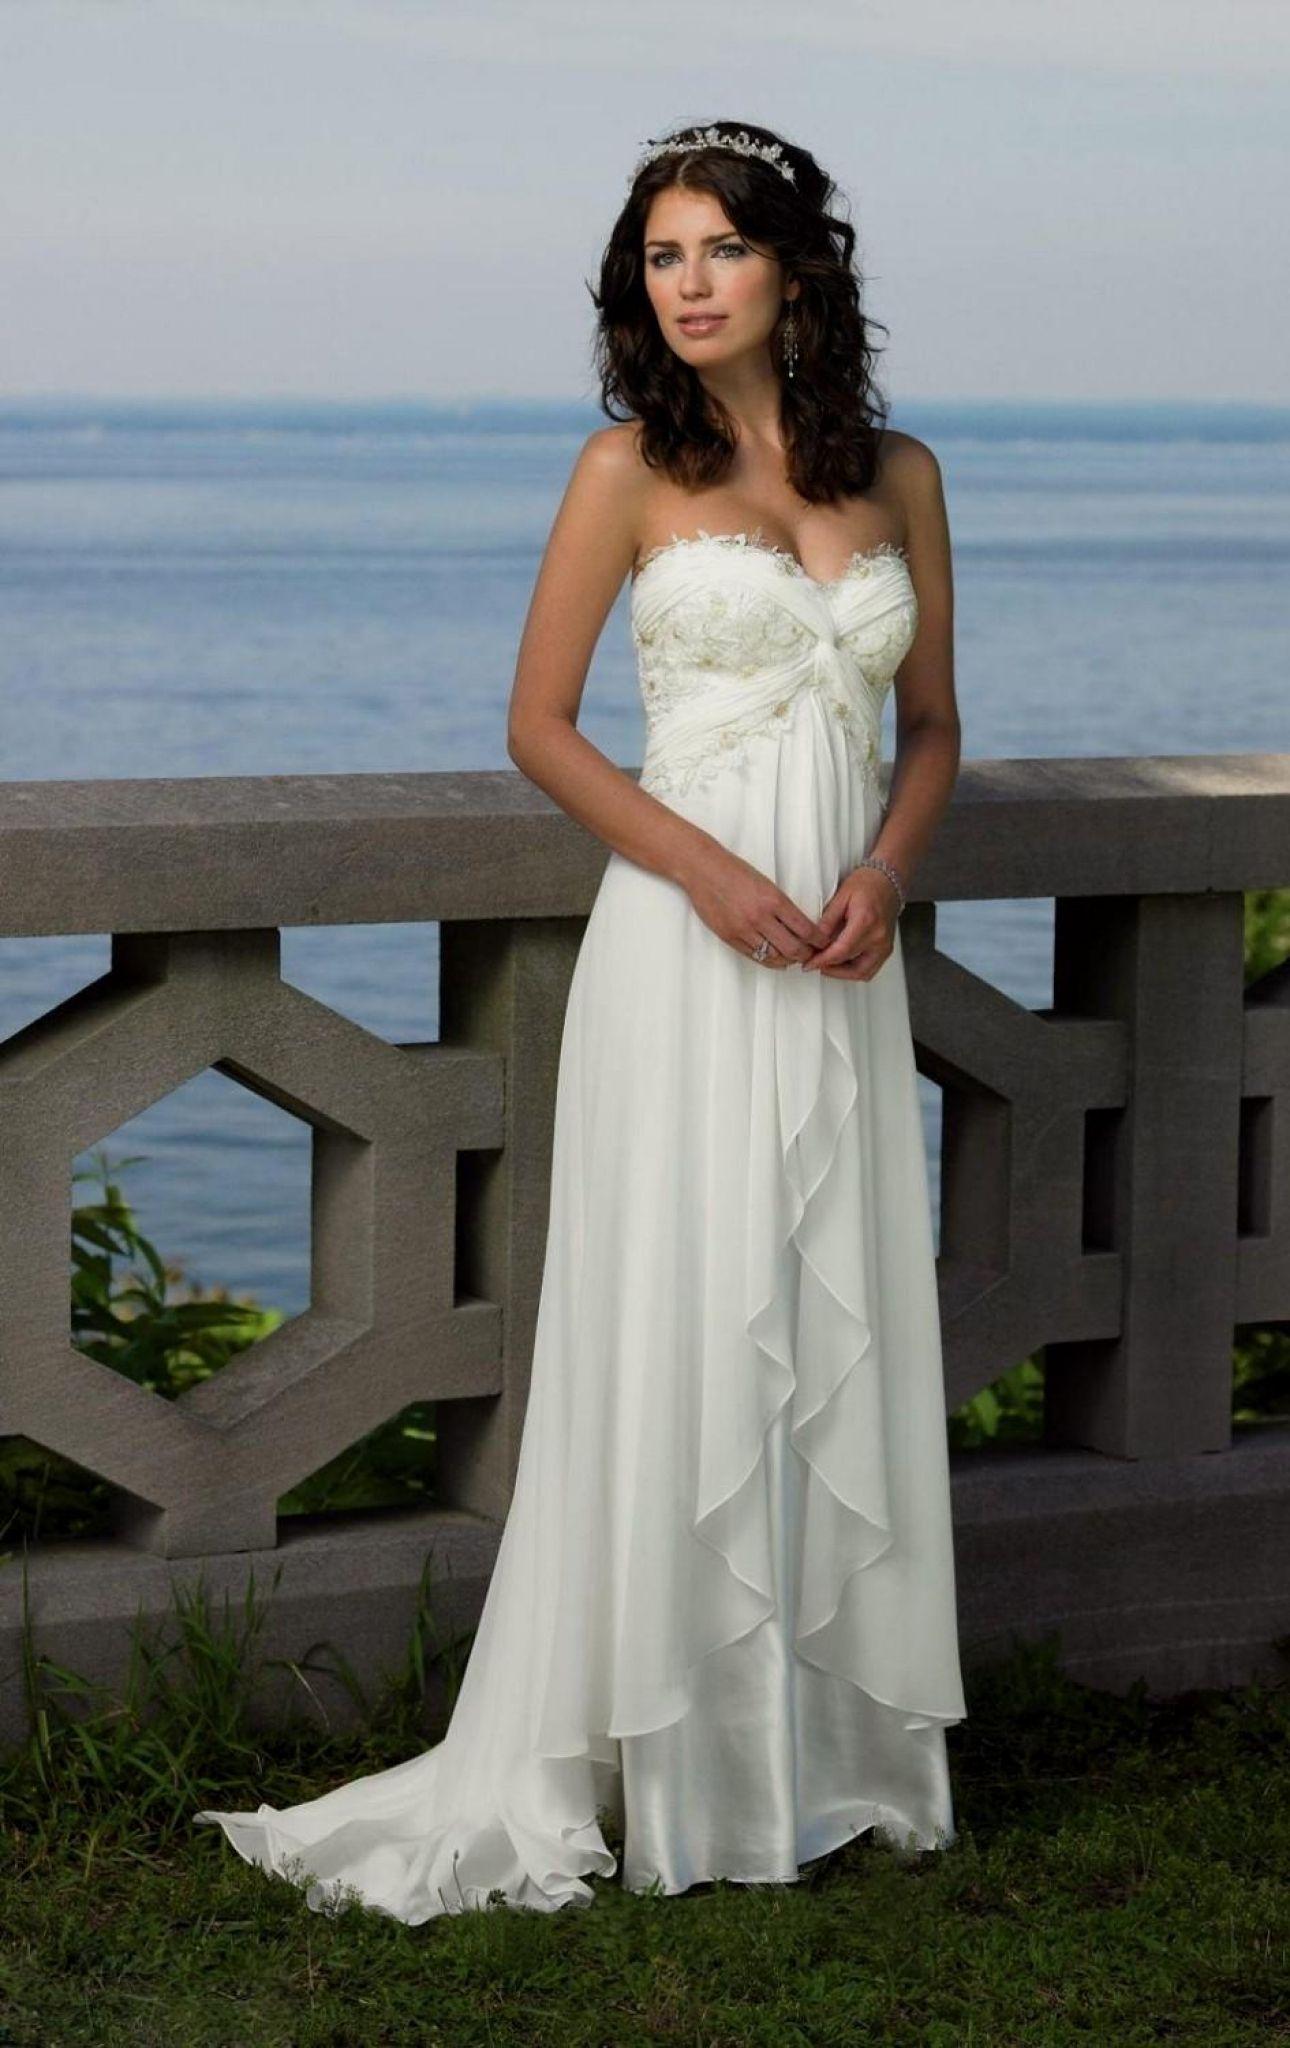 Beach white dresses for weddings